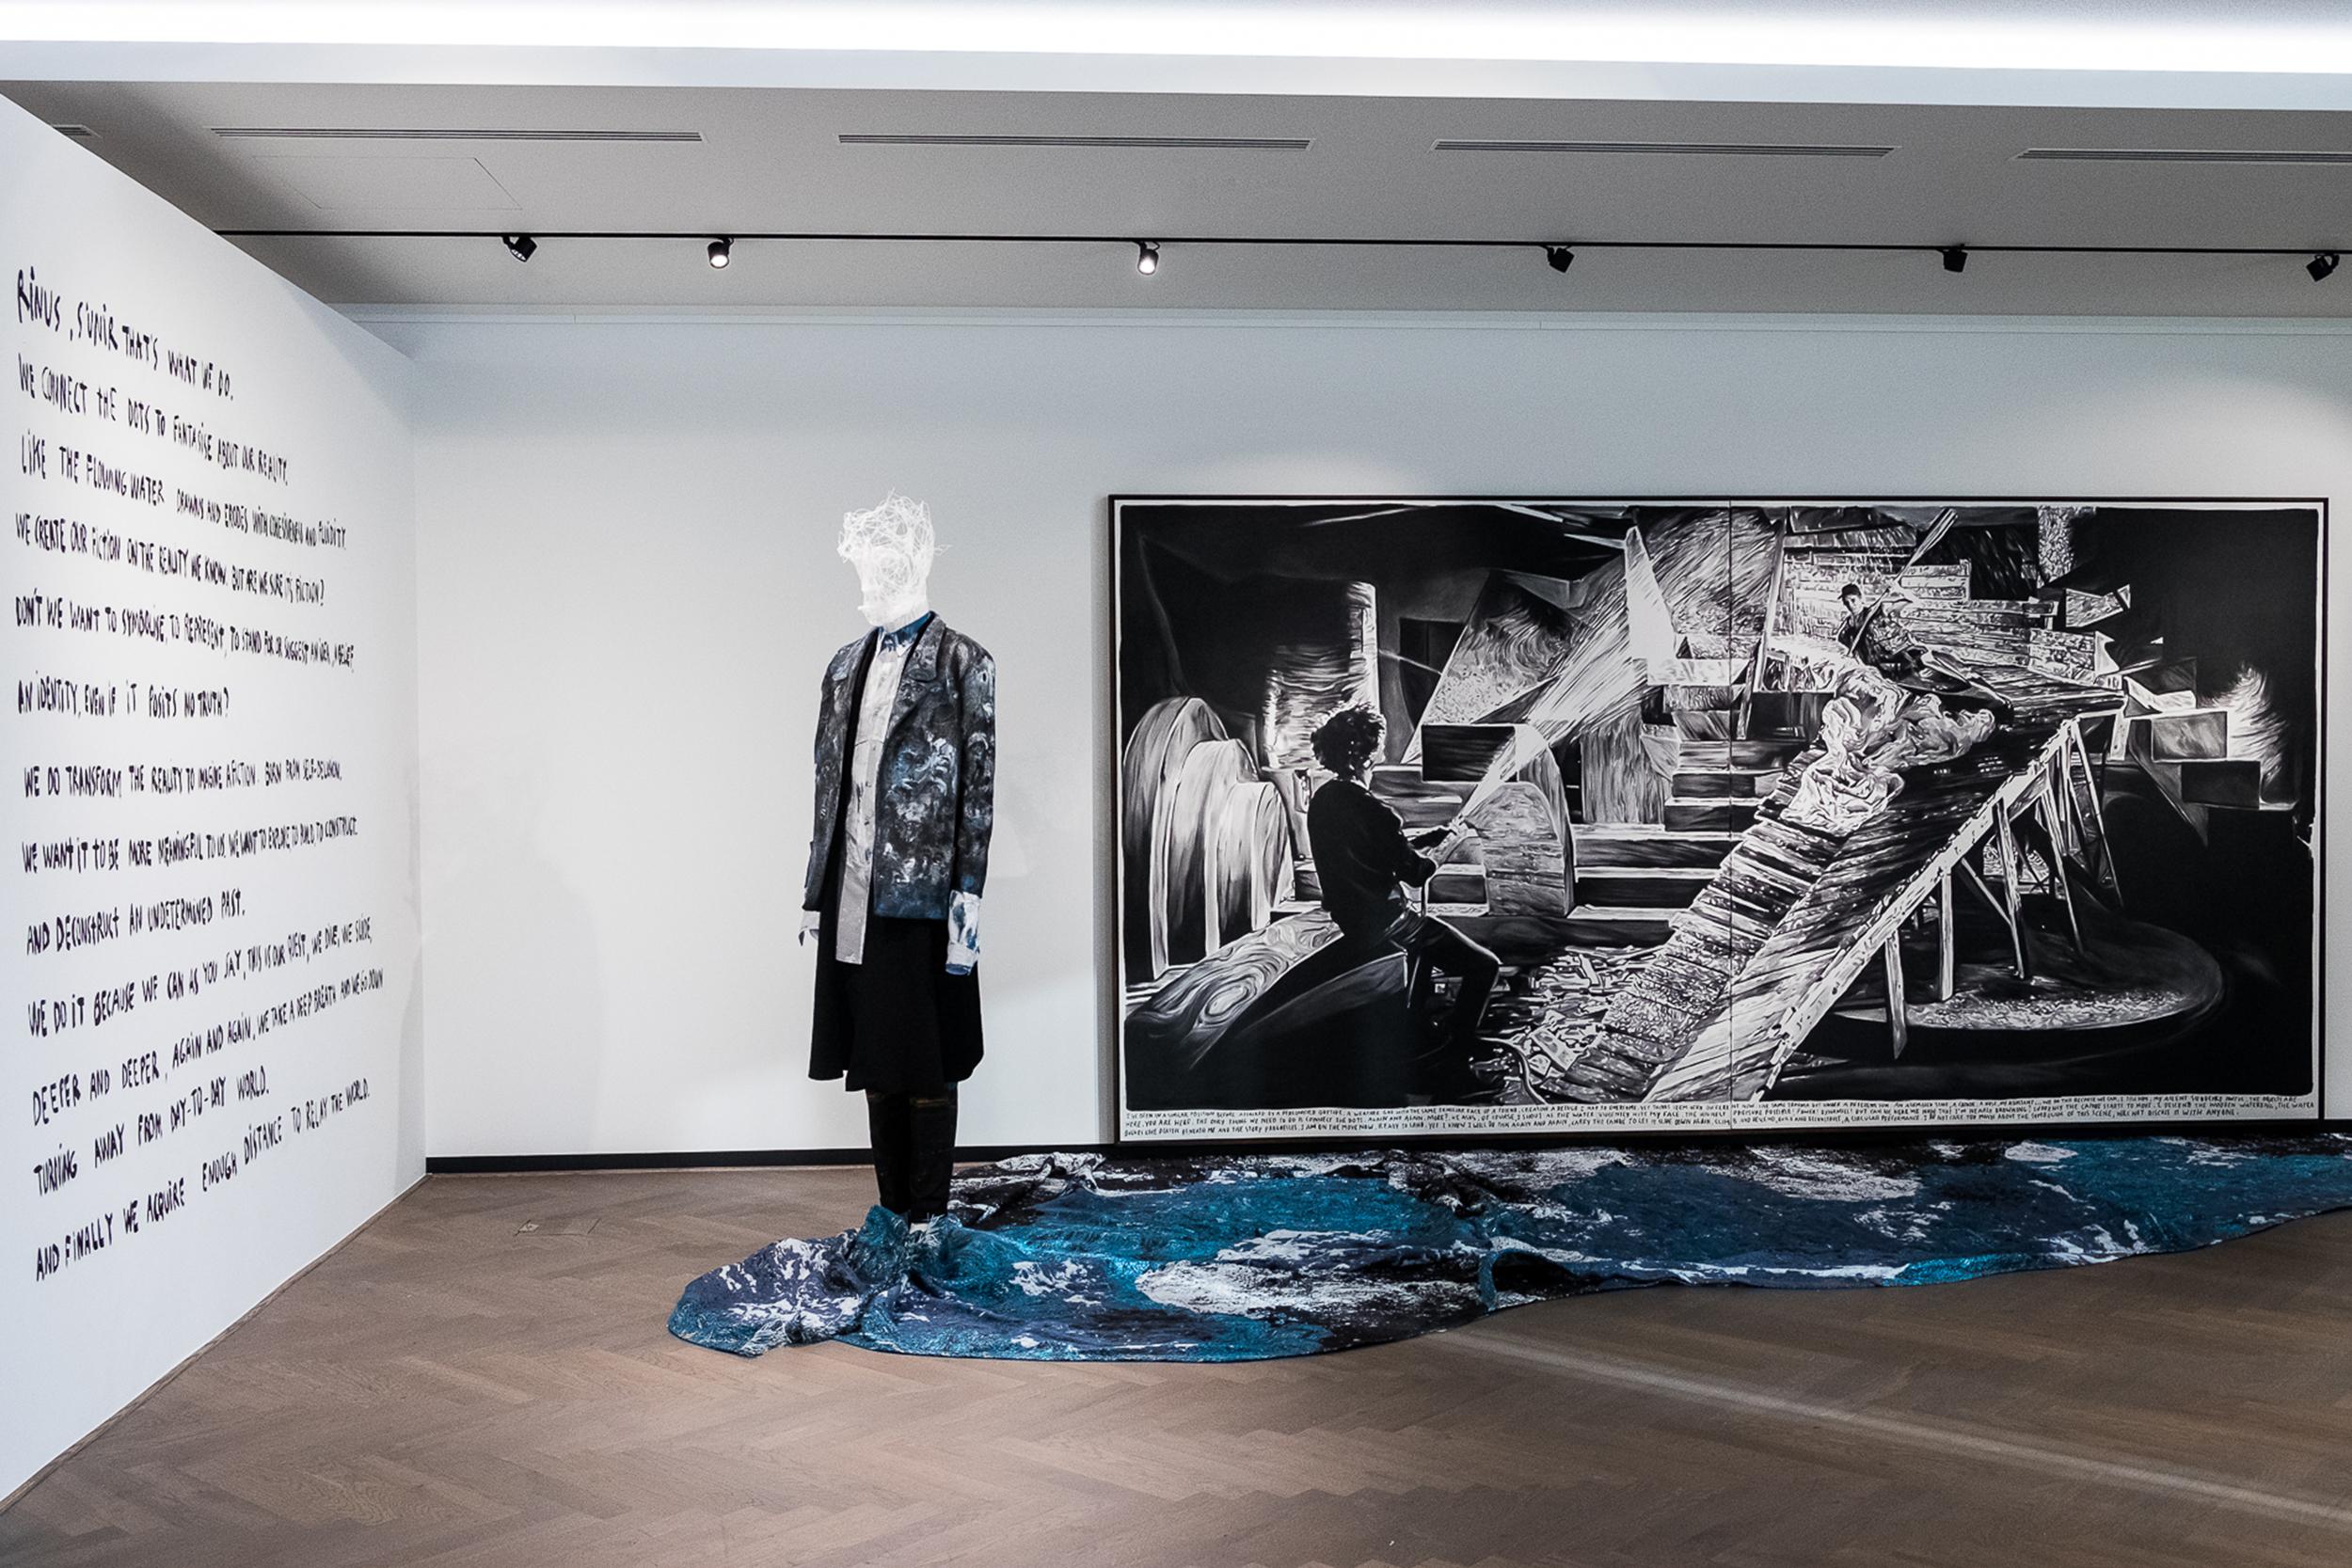 Belfius Art Collection, Brussels, 2016